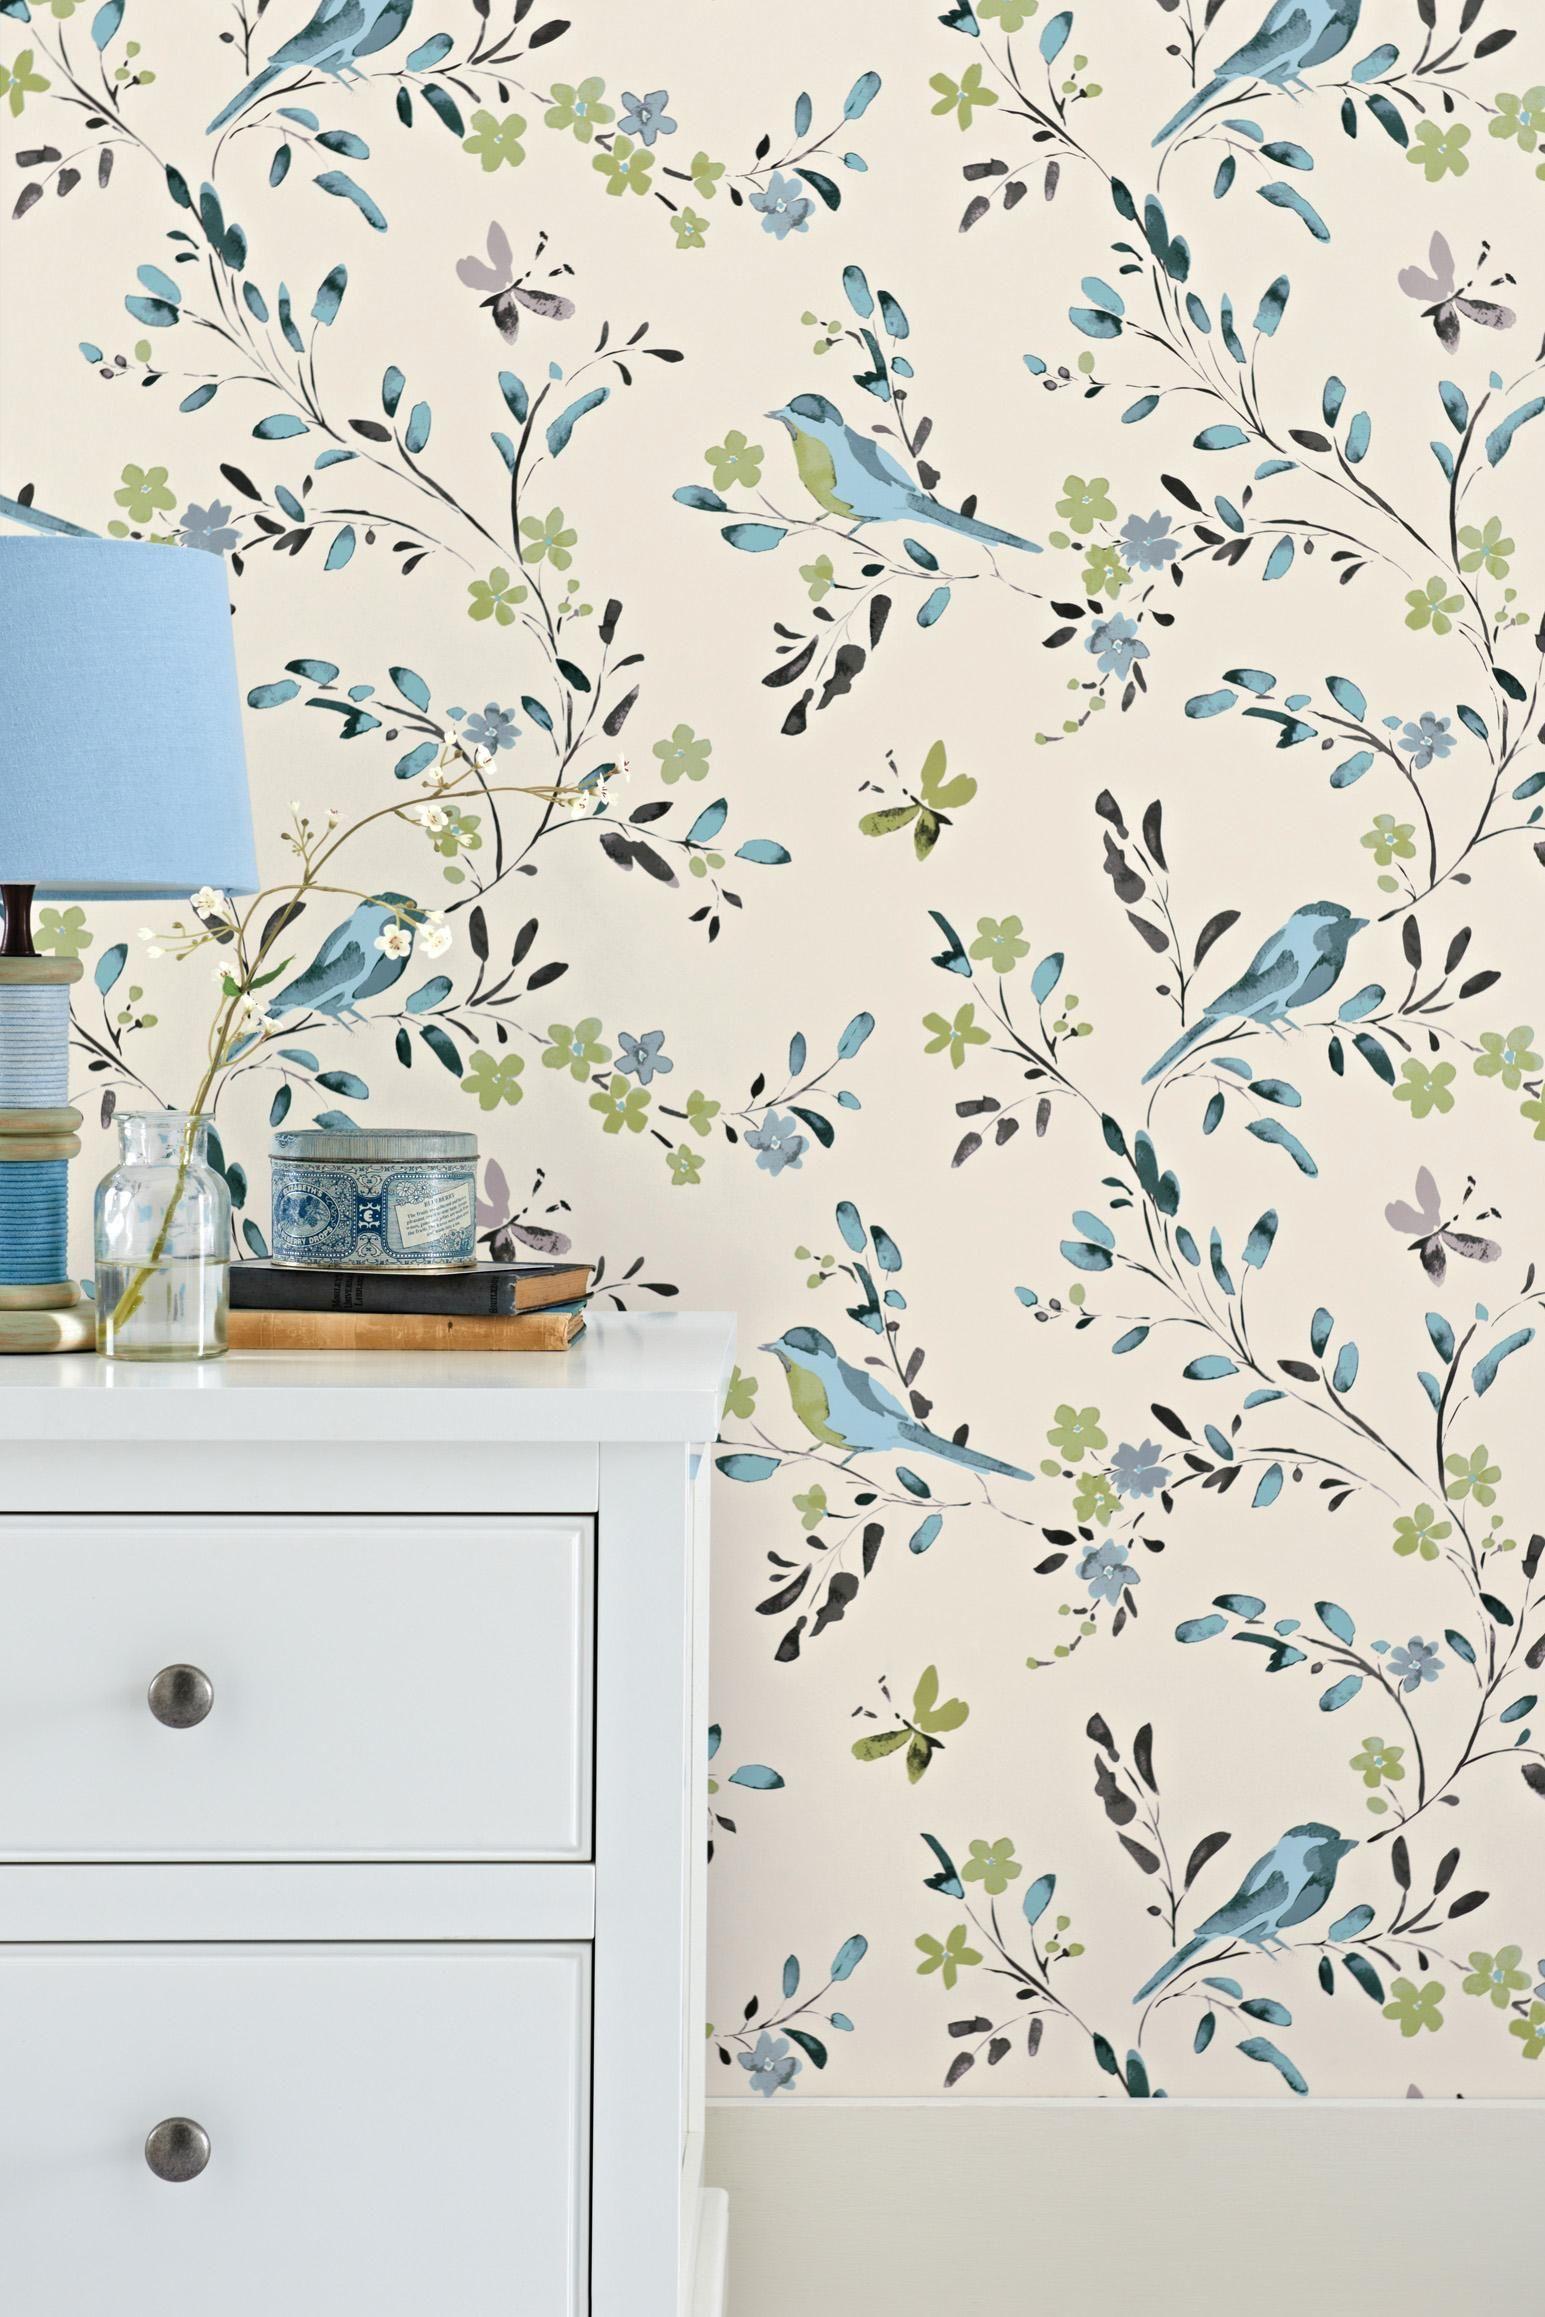 teal bird wallpaper Bird wallpaper, Home decor decals